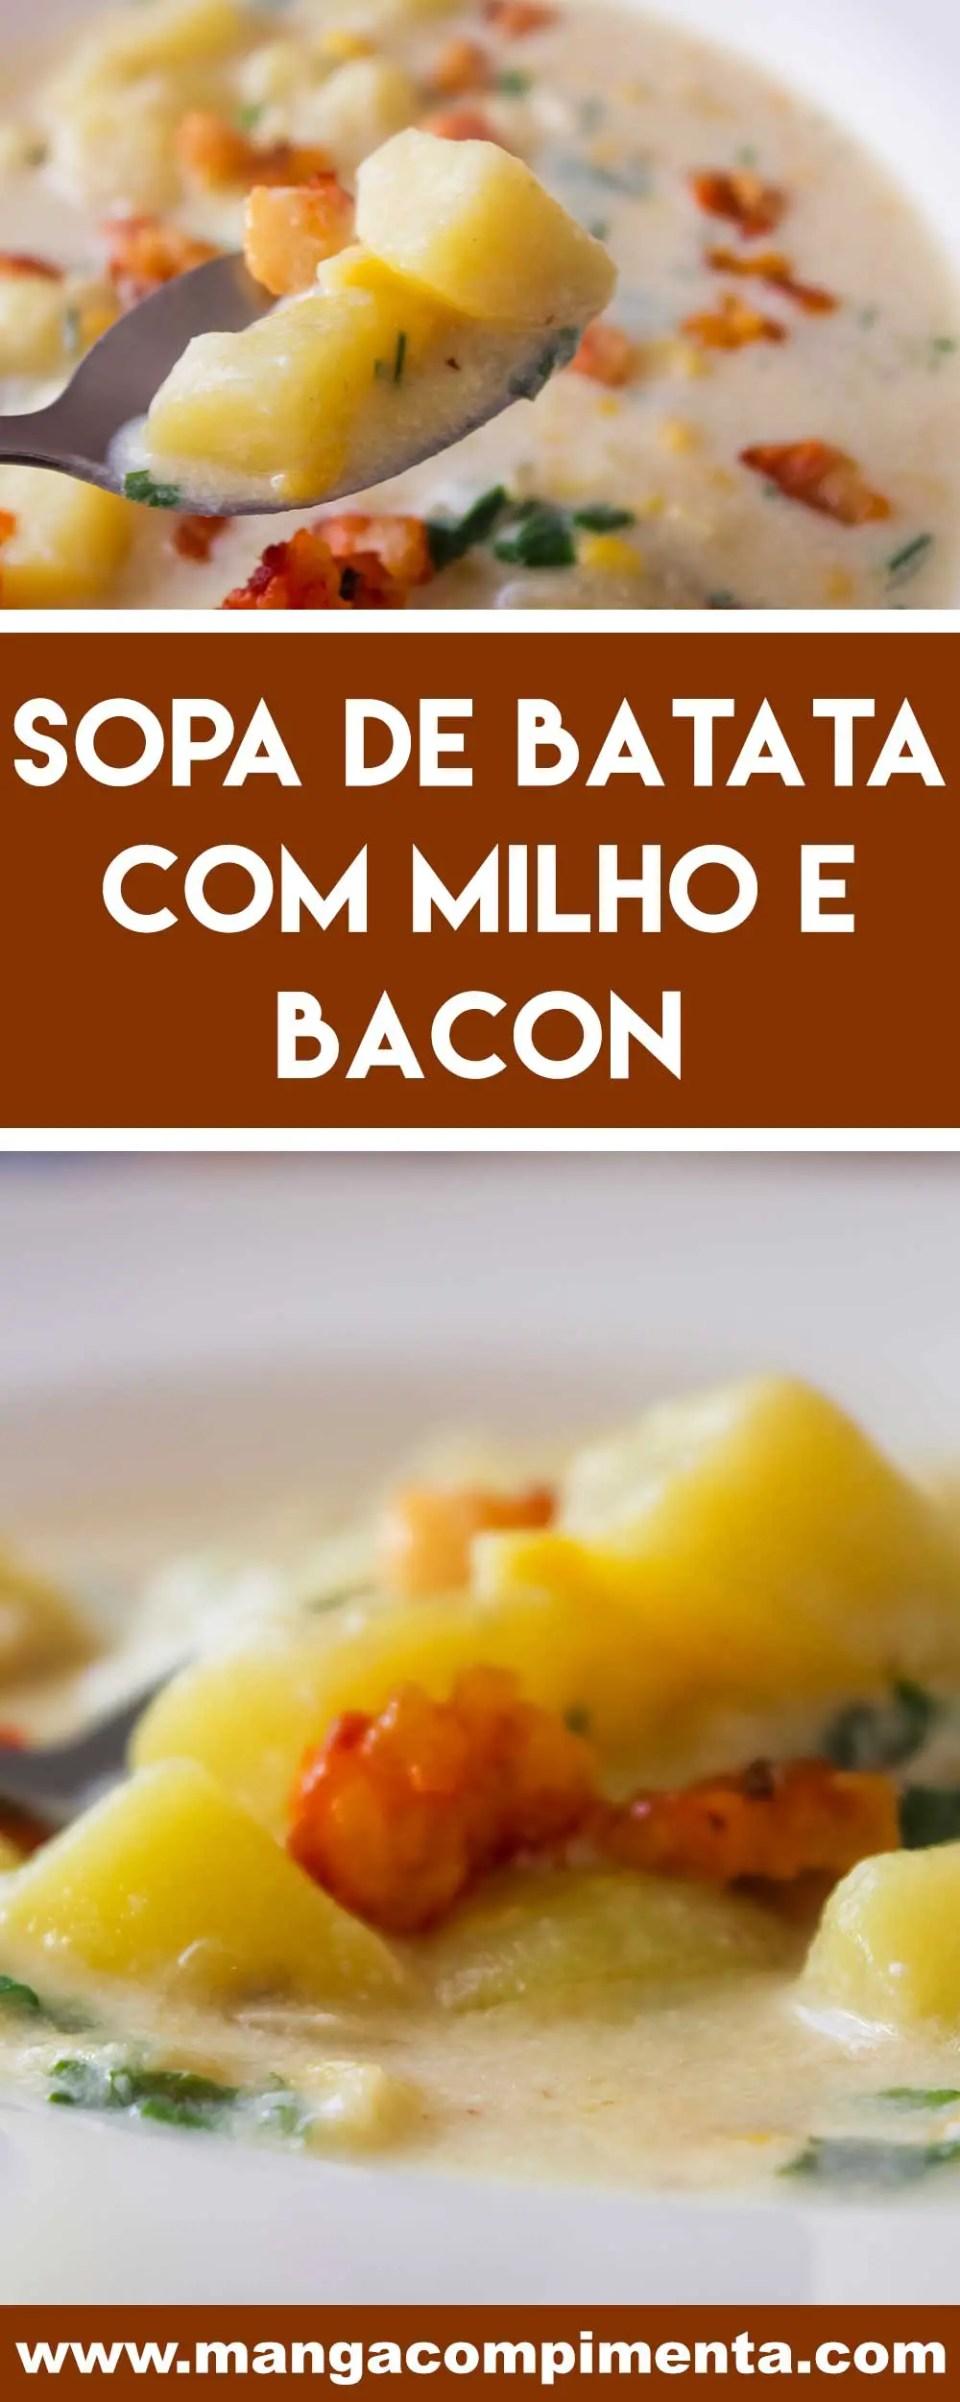 Receita de Sopa de Batata com Milho e Bacon Americana - um prato delicioso para os dias frios!